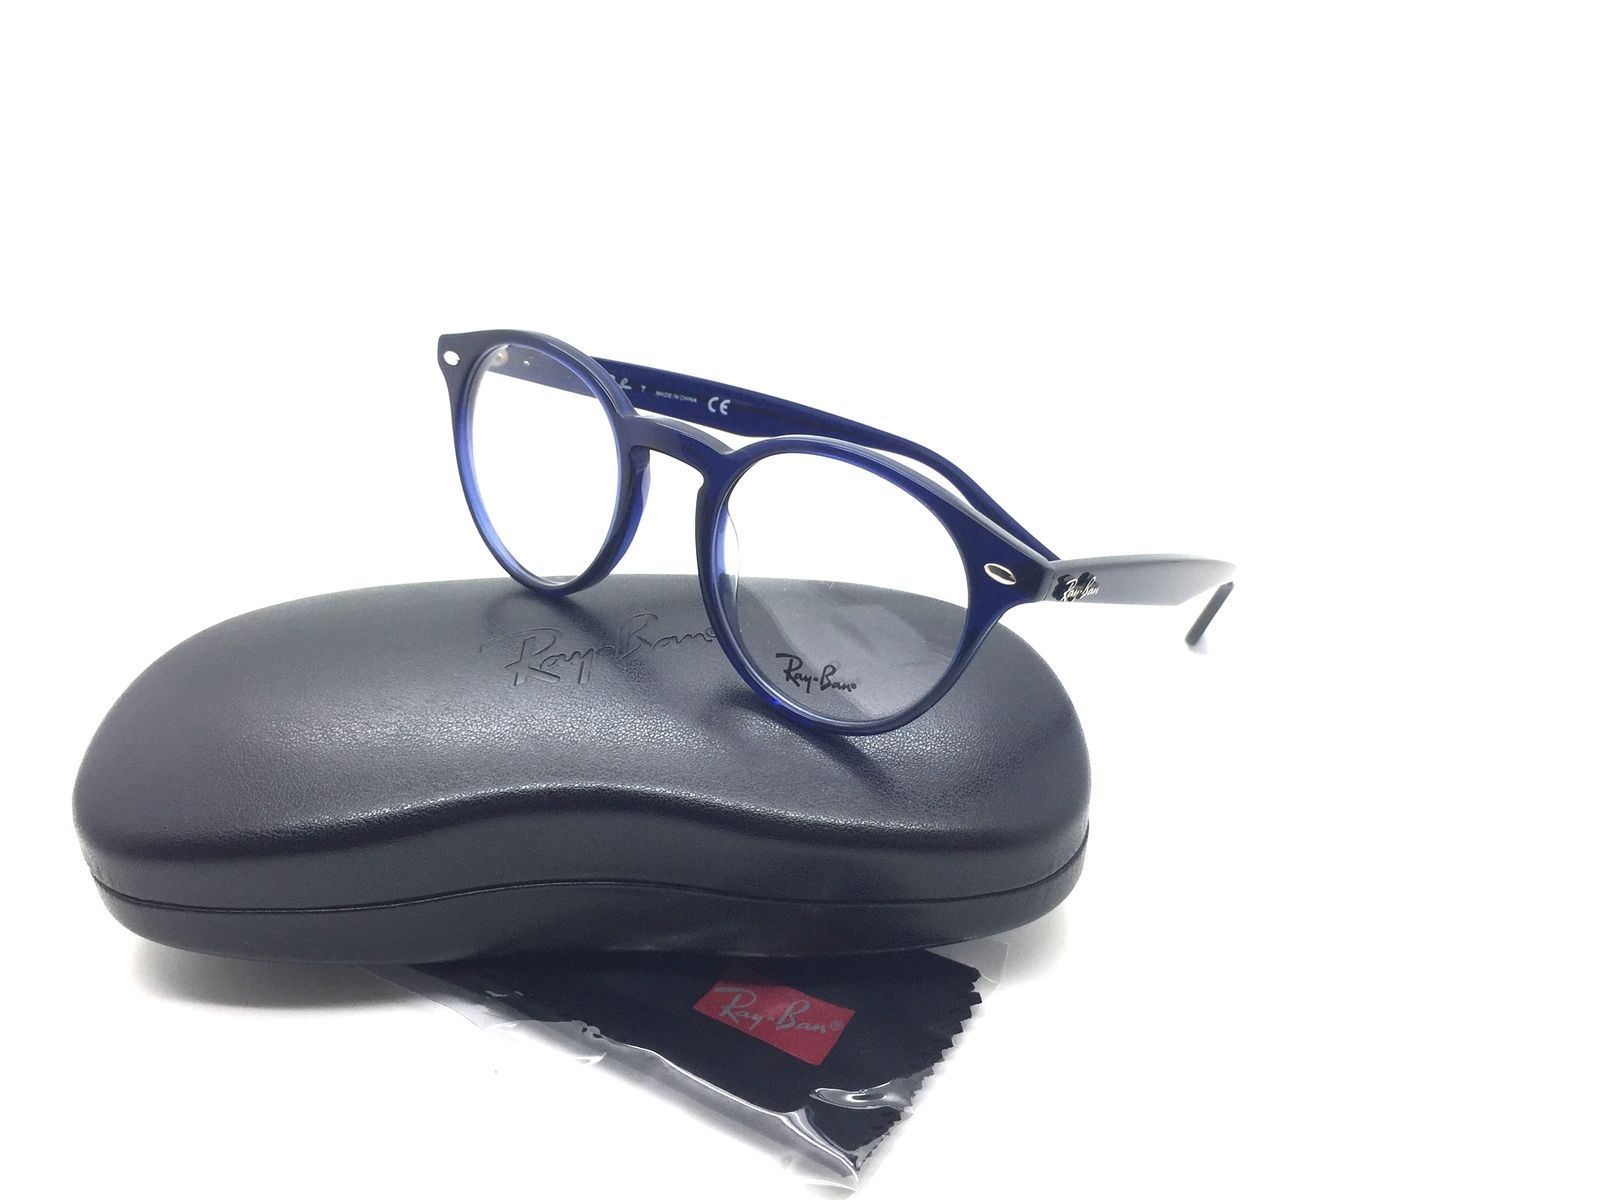 f2f9d33bc2 Ray Ban Blau RB 2180 V 2013 49 mm Designer Demo Brillengläser Brille -  £60.26 GBP